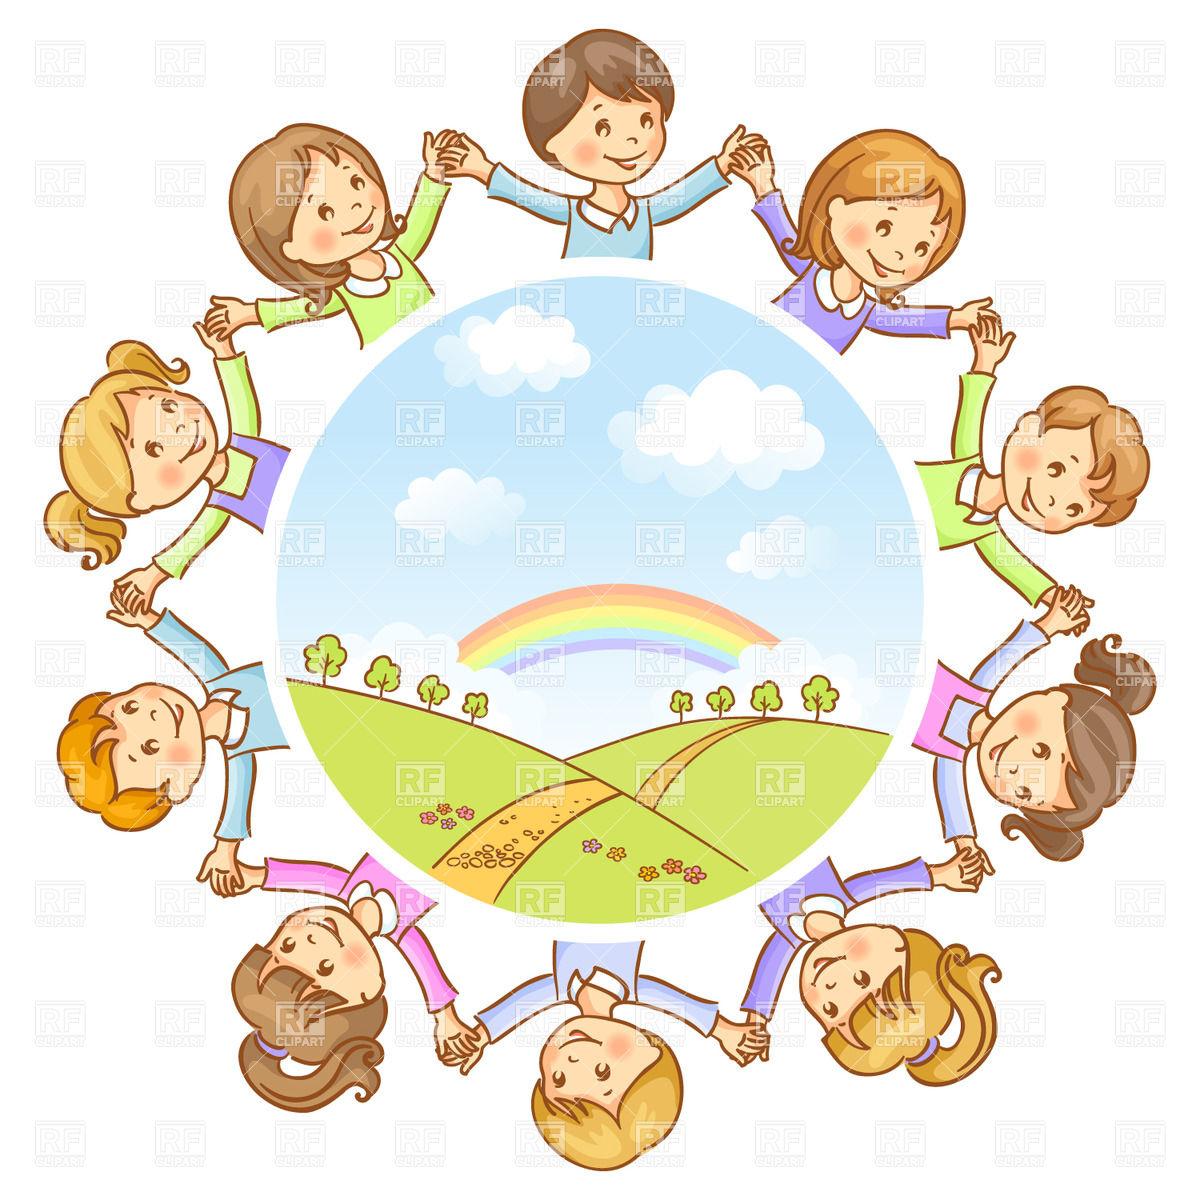 Round dance of happy children.